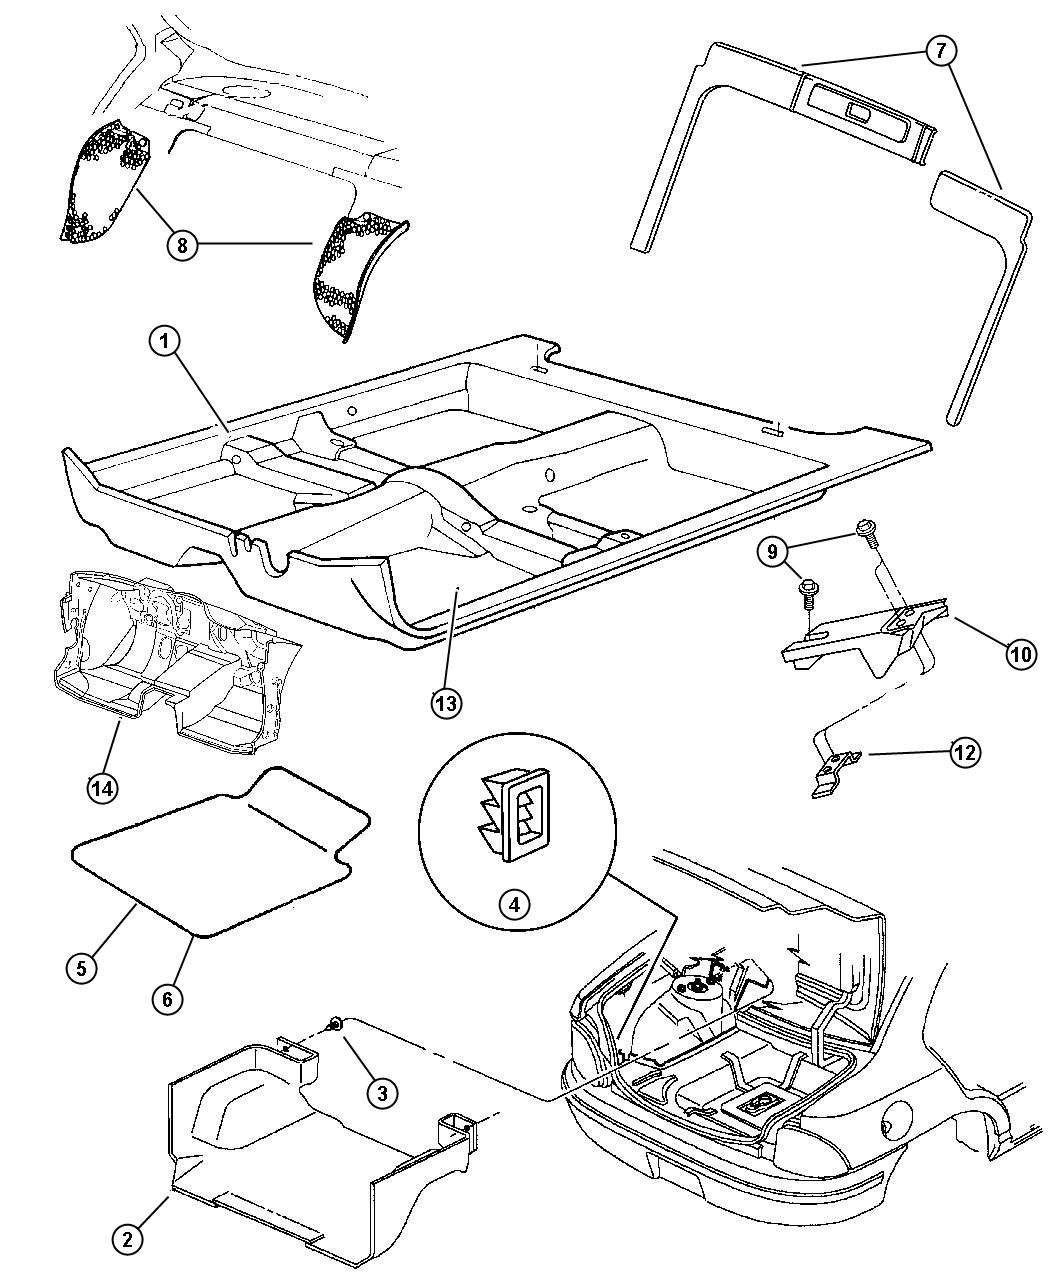 1x oe qualité remplacement de suspension avant ressort à boudin-sup017095